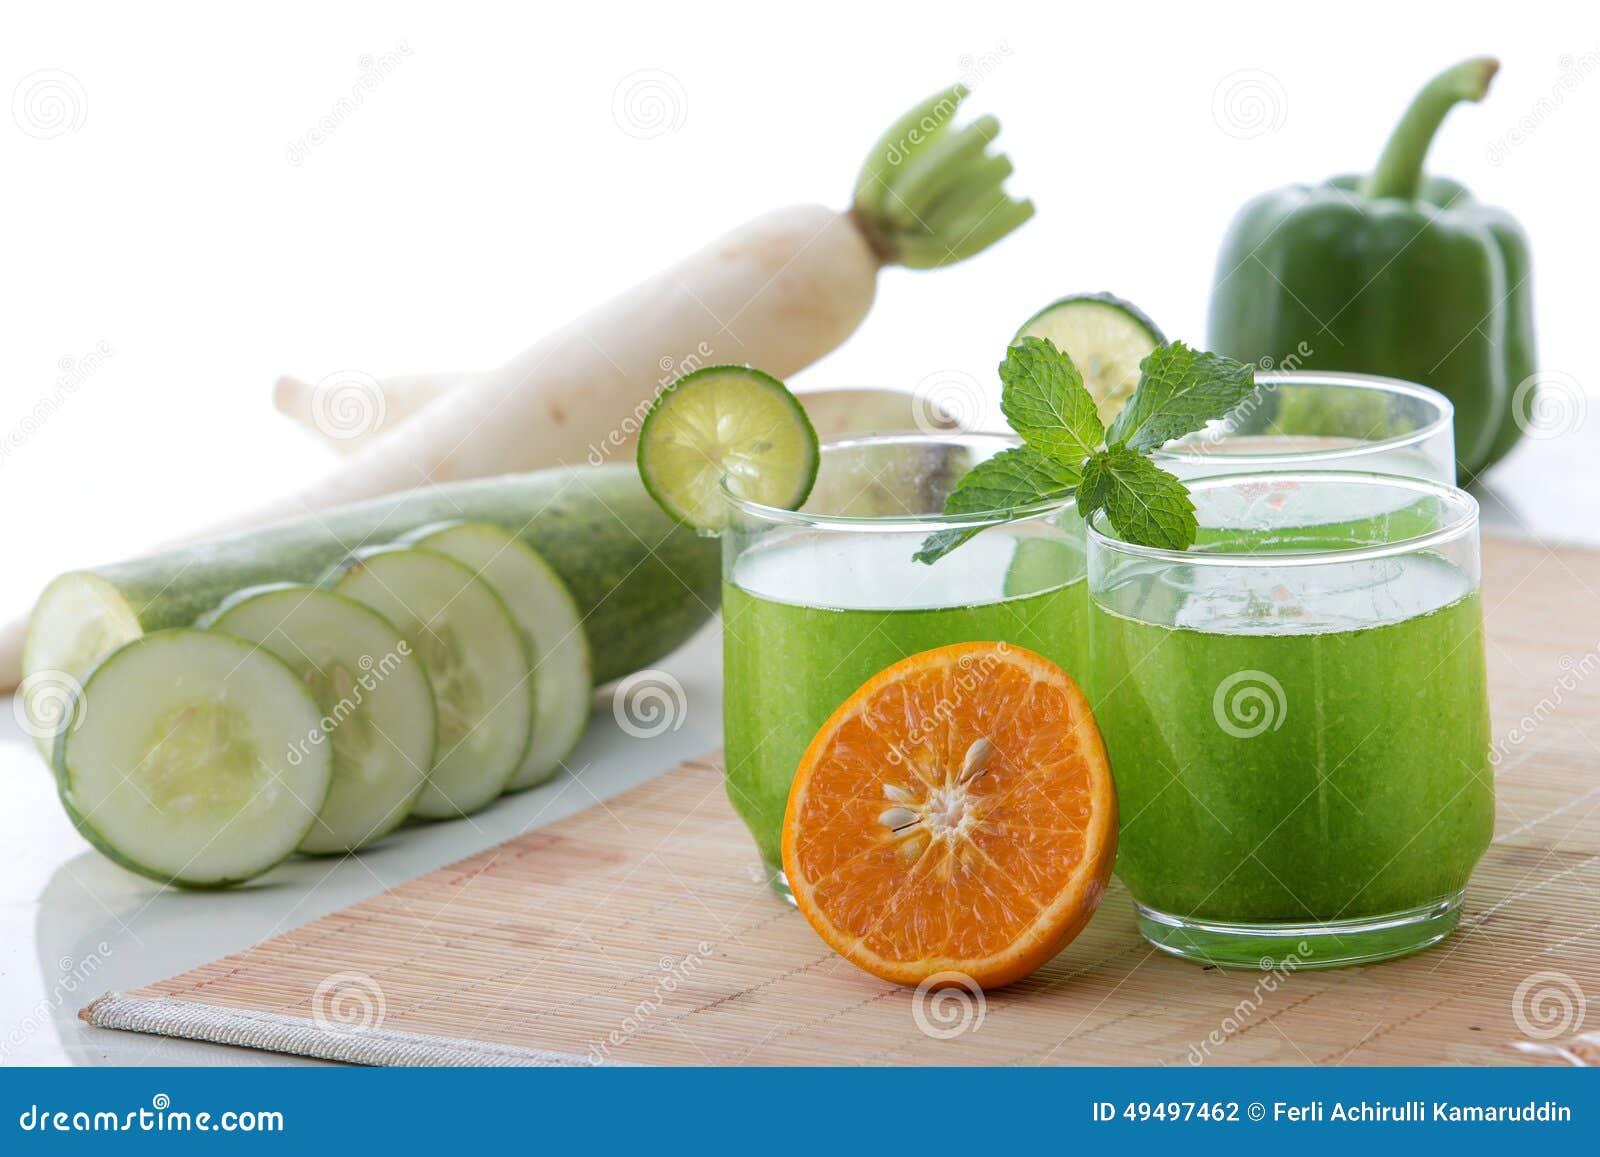 Para que sirve jugo de naranja y rabano